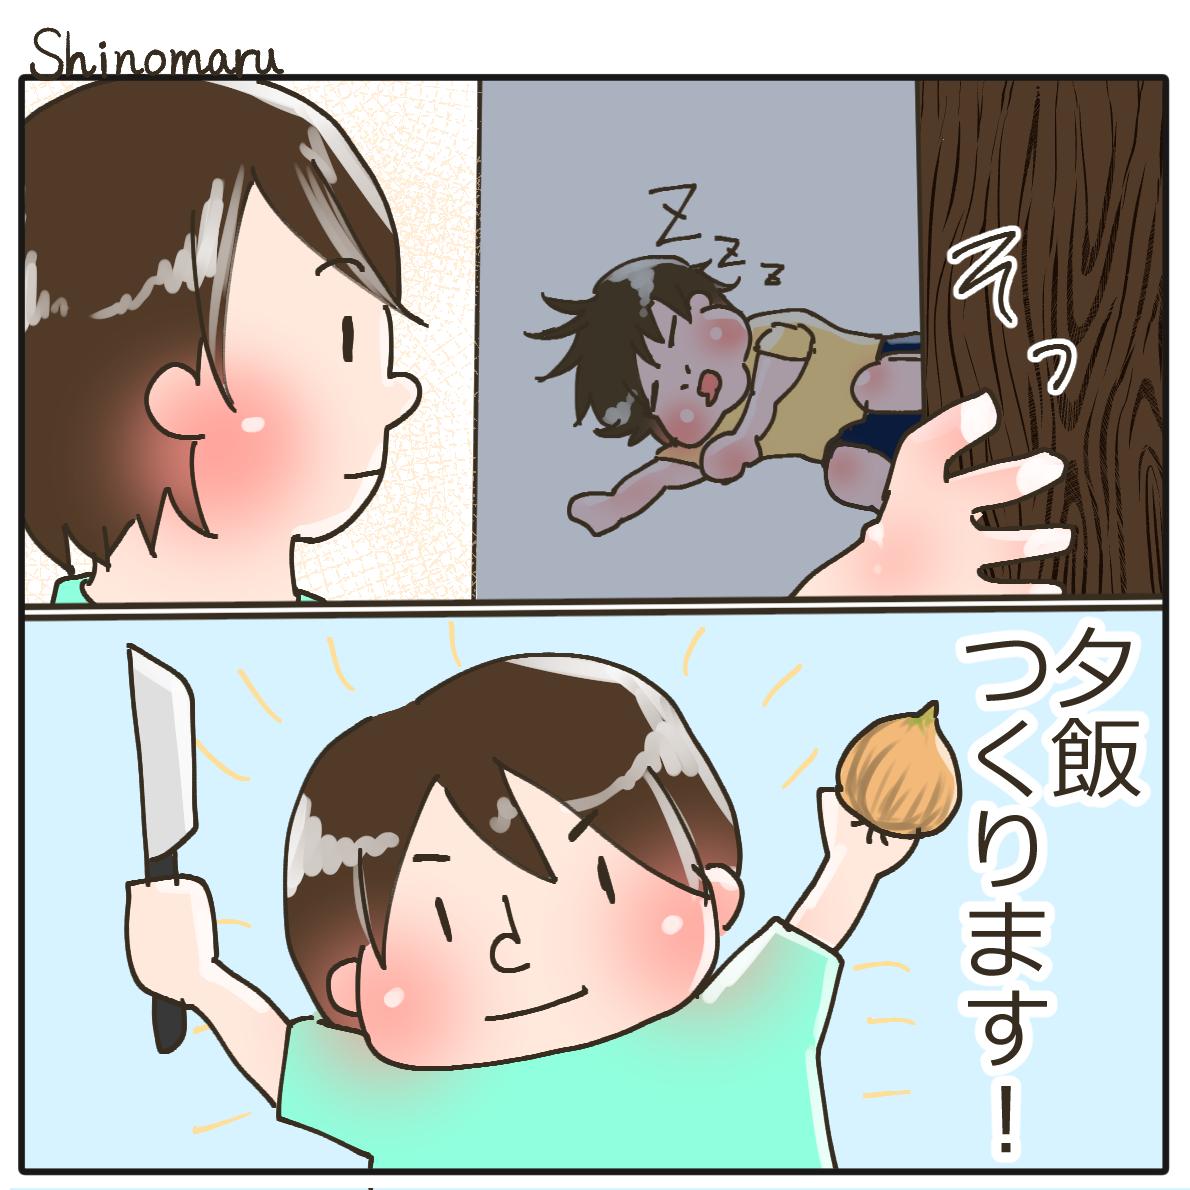 f:id:Shinomaru:20210604221734p:plain